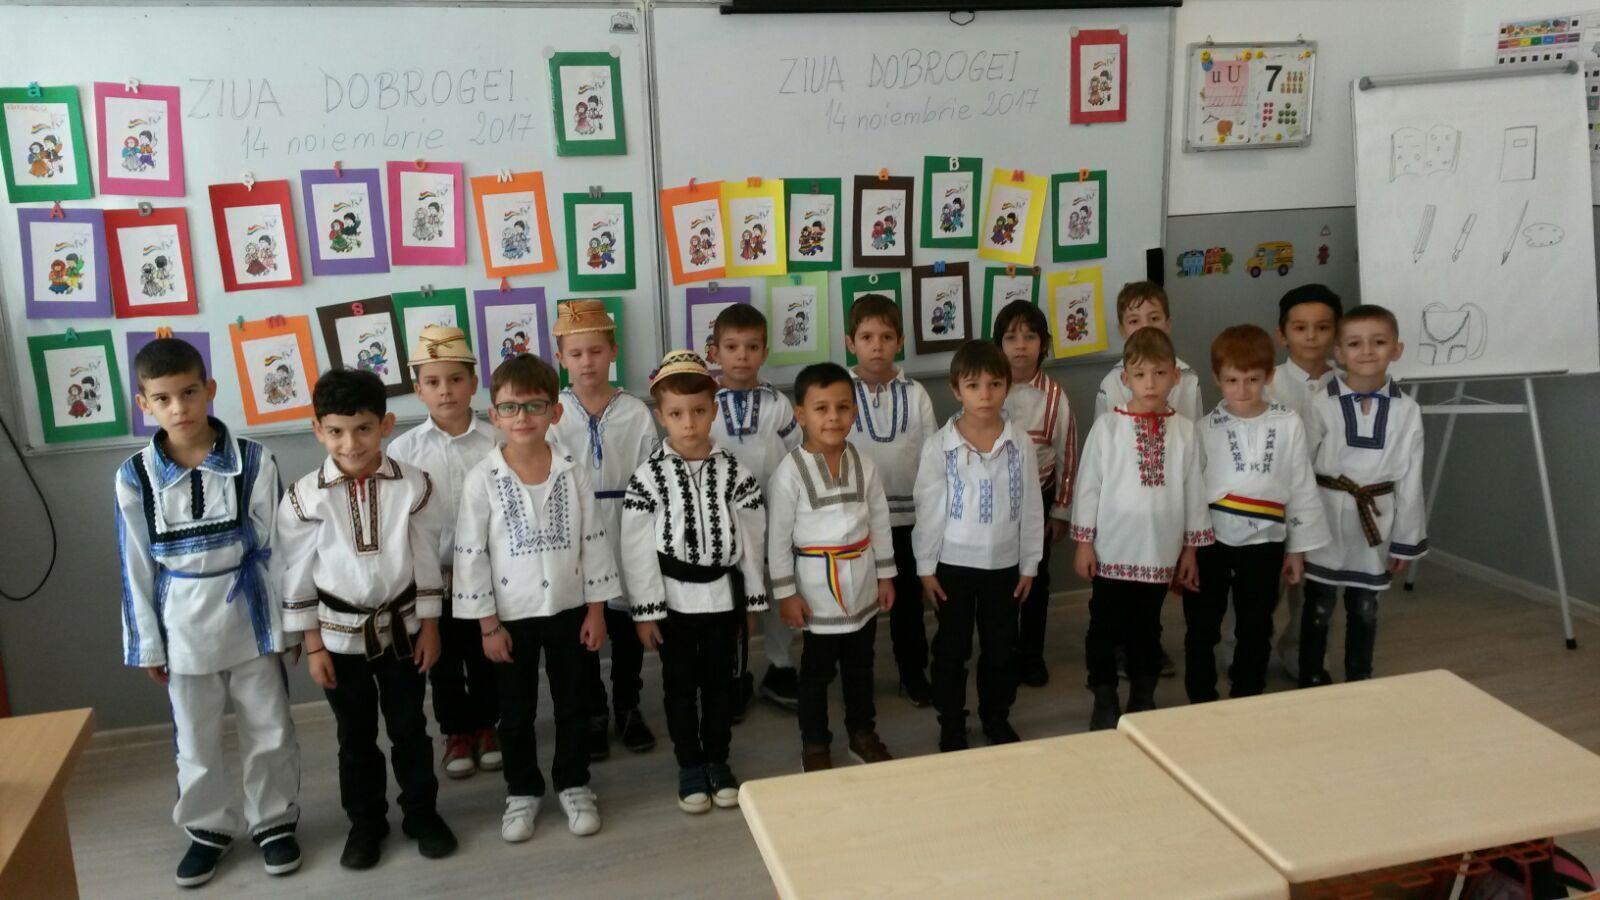 ziua dobrogei scoala gheorghe titeica (1)